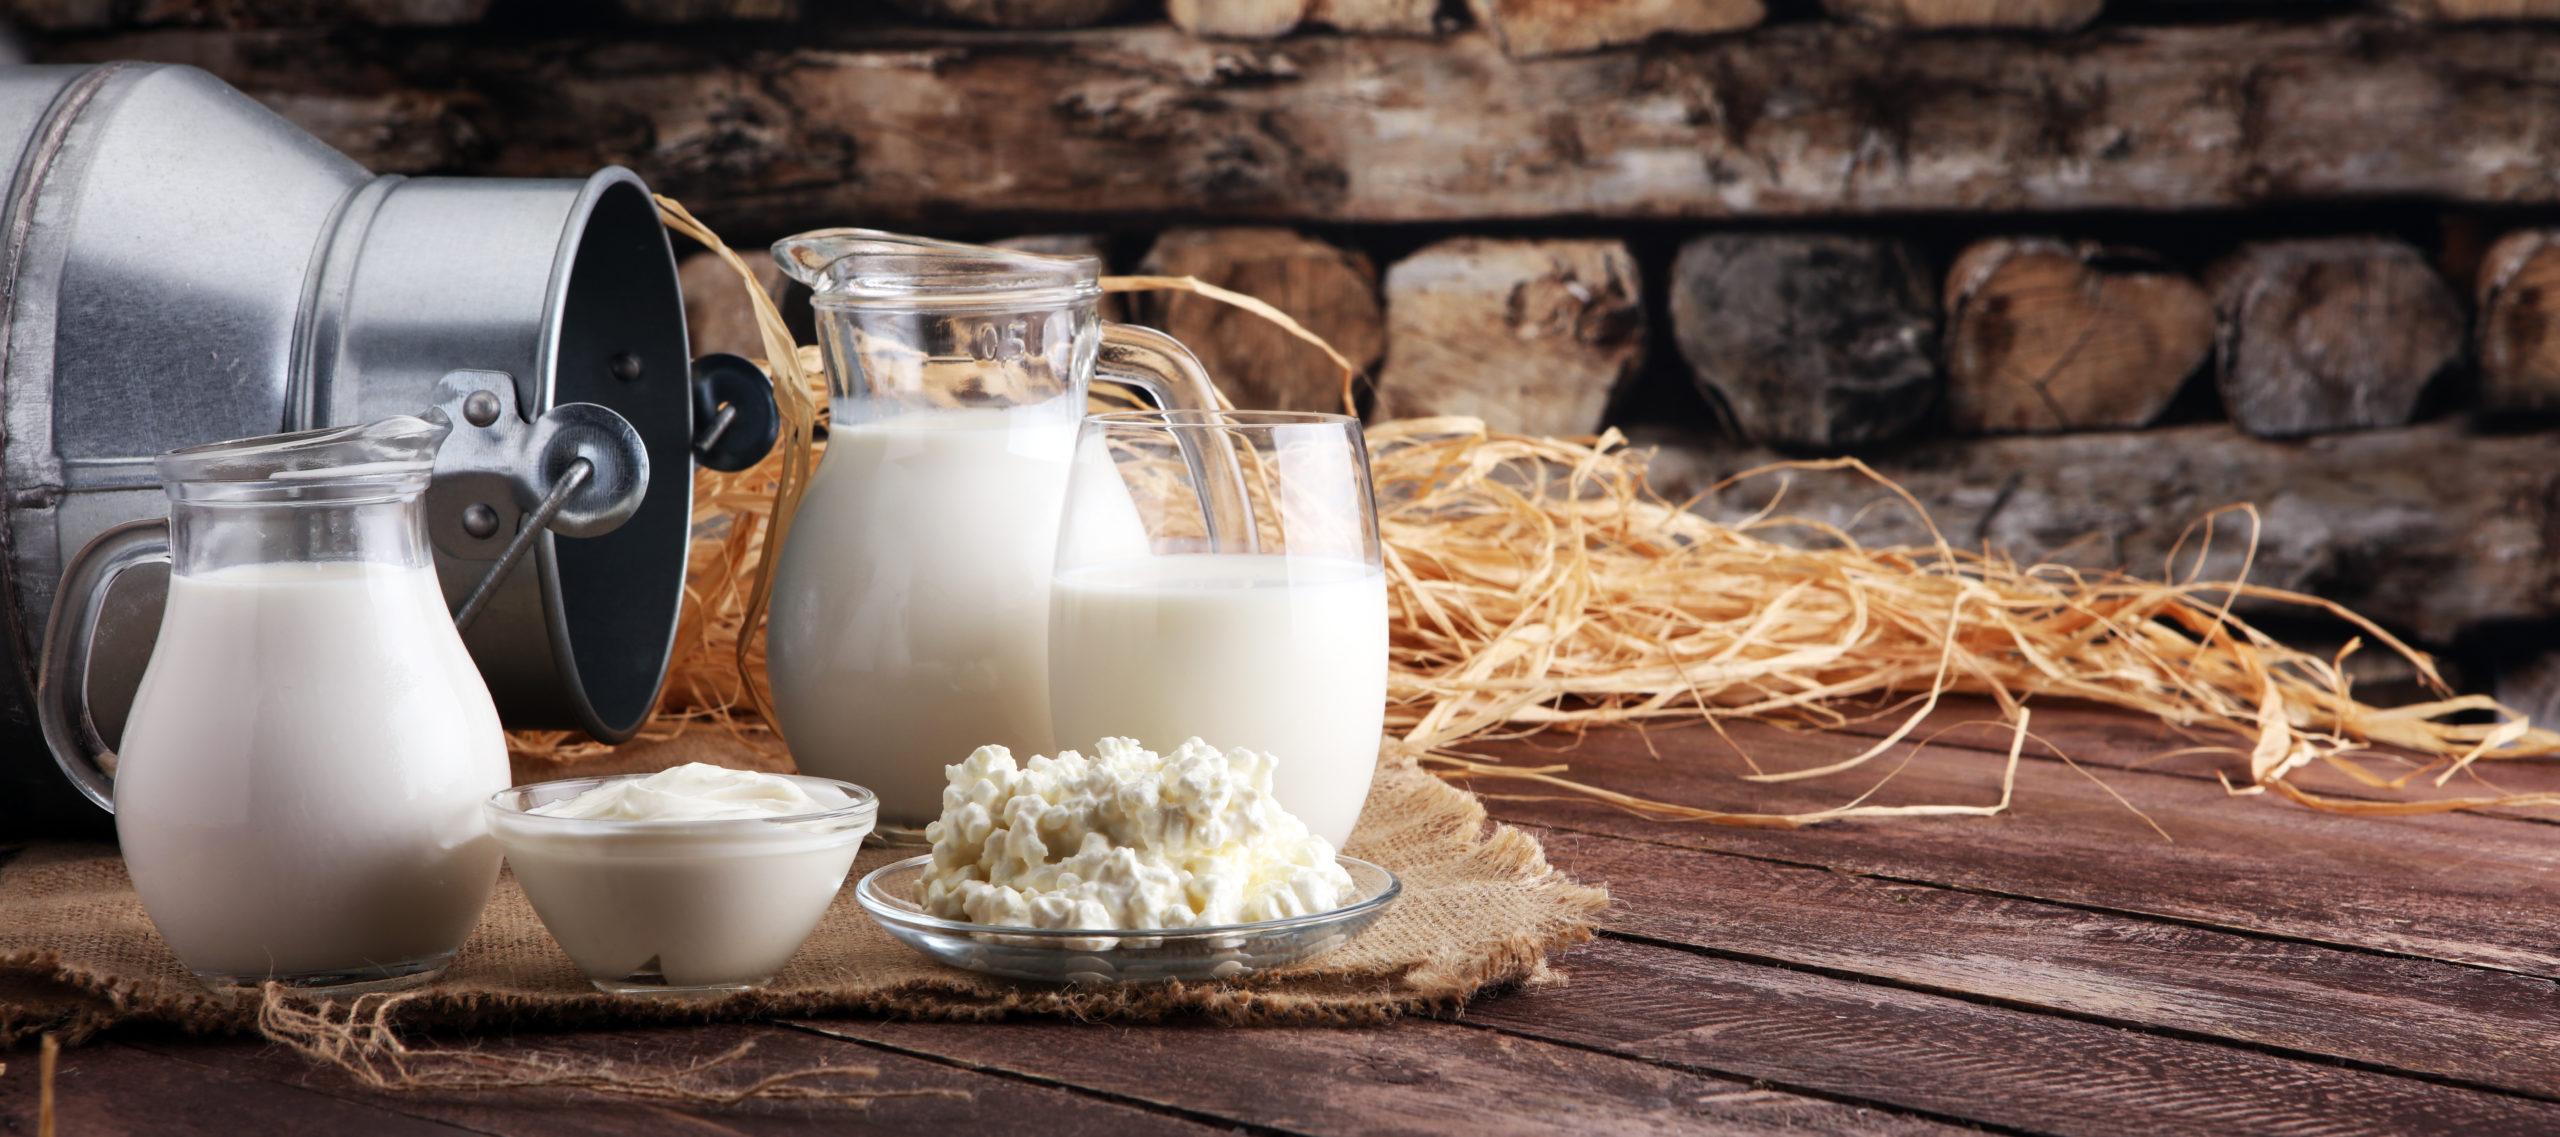 Milch ist ein wasserintensives Produkt. Käse noch mehr!